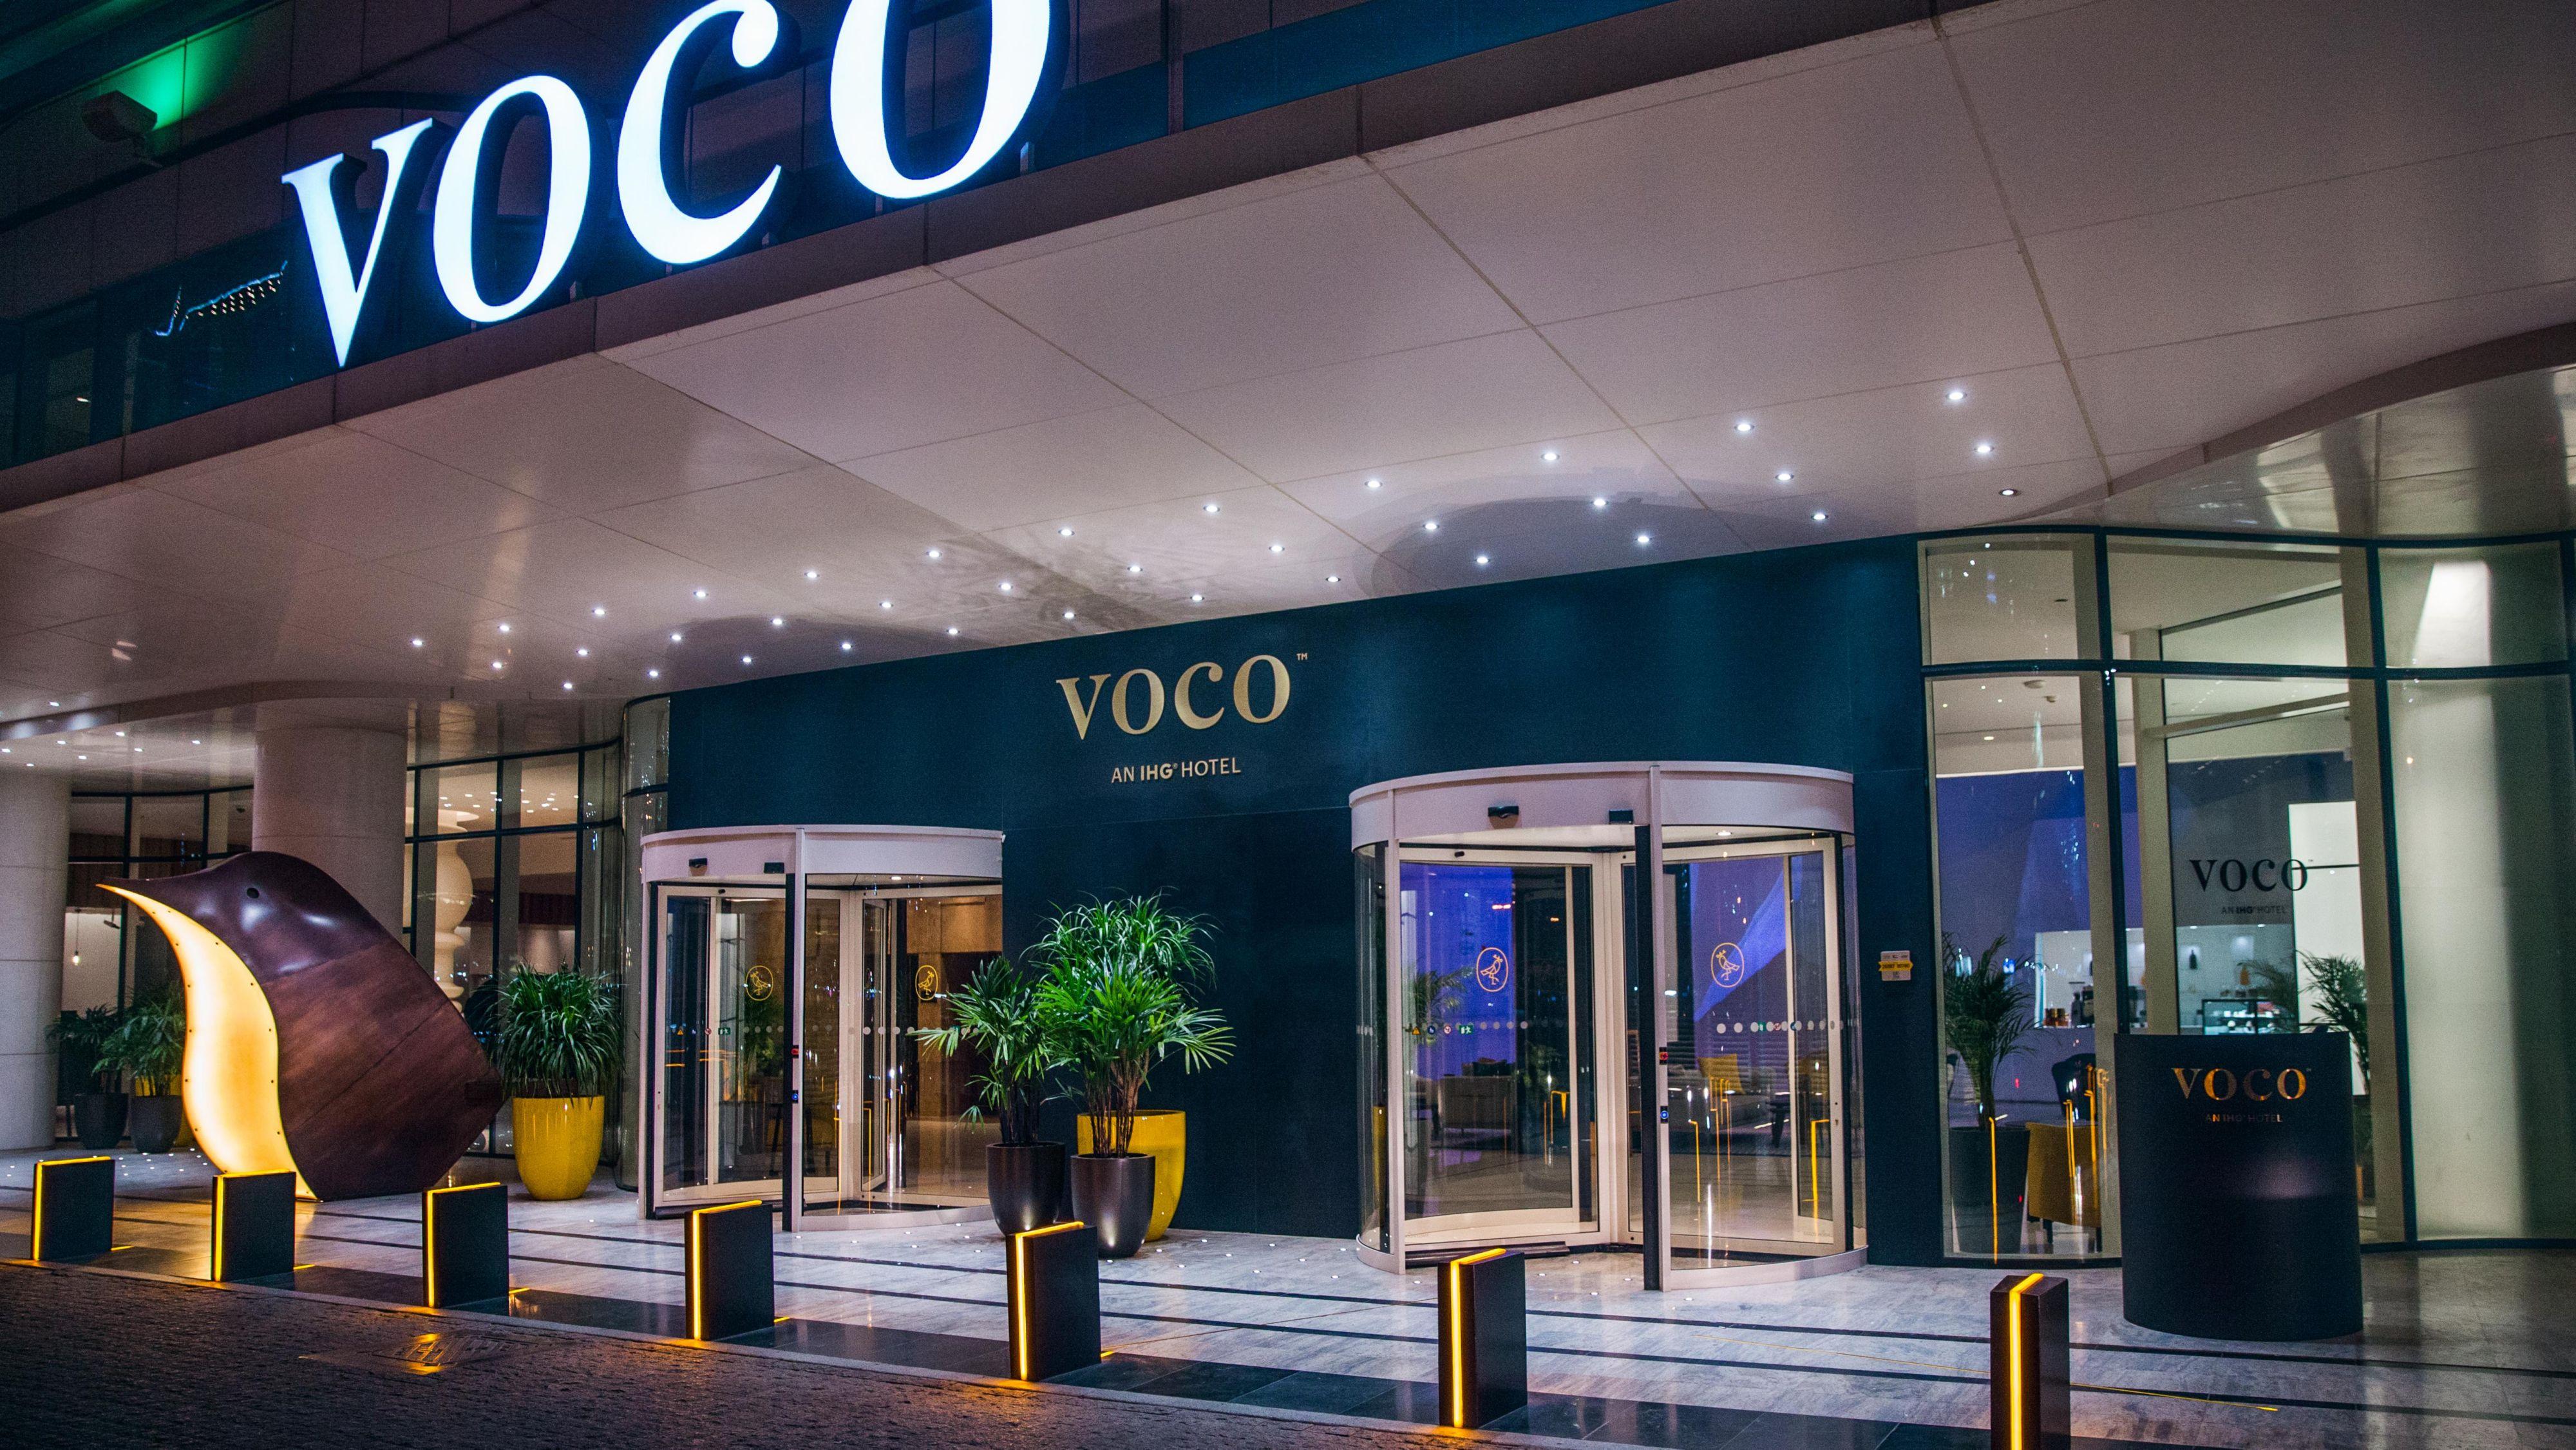 voco Dubai Hotel Exterior